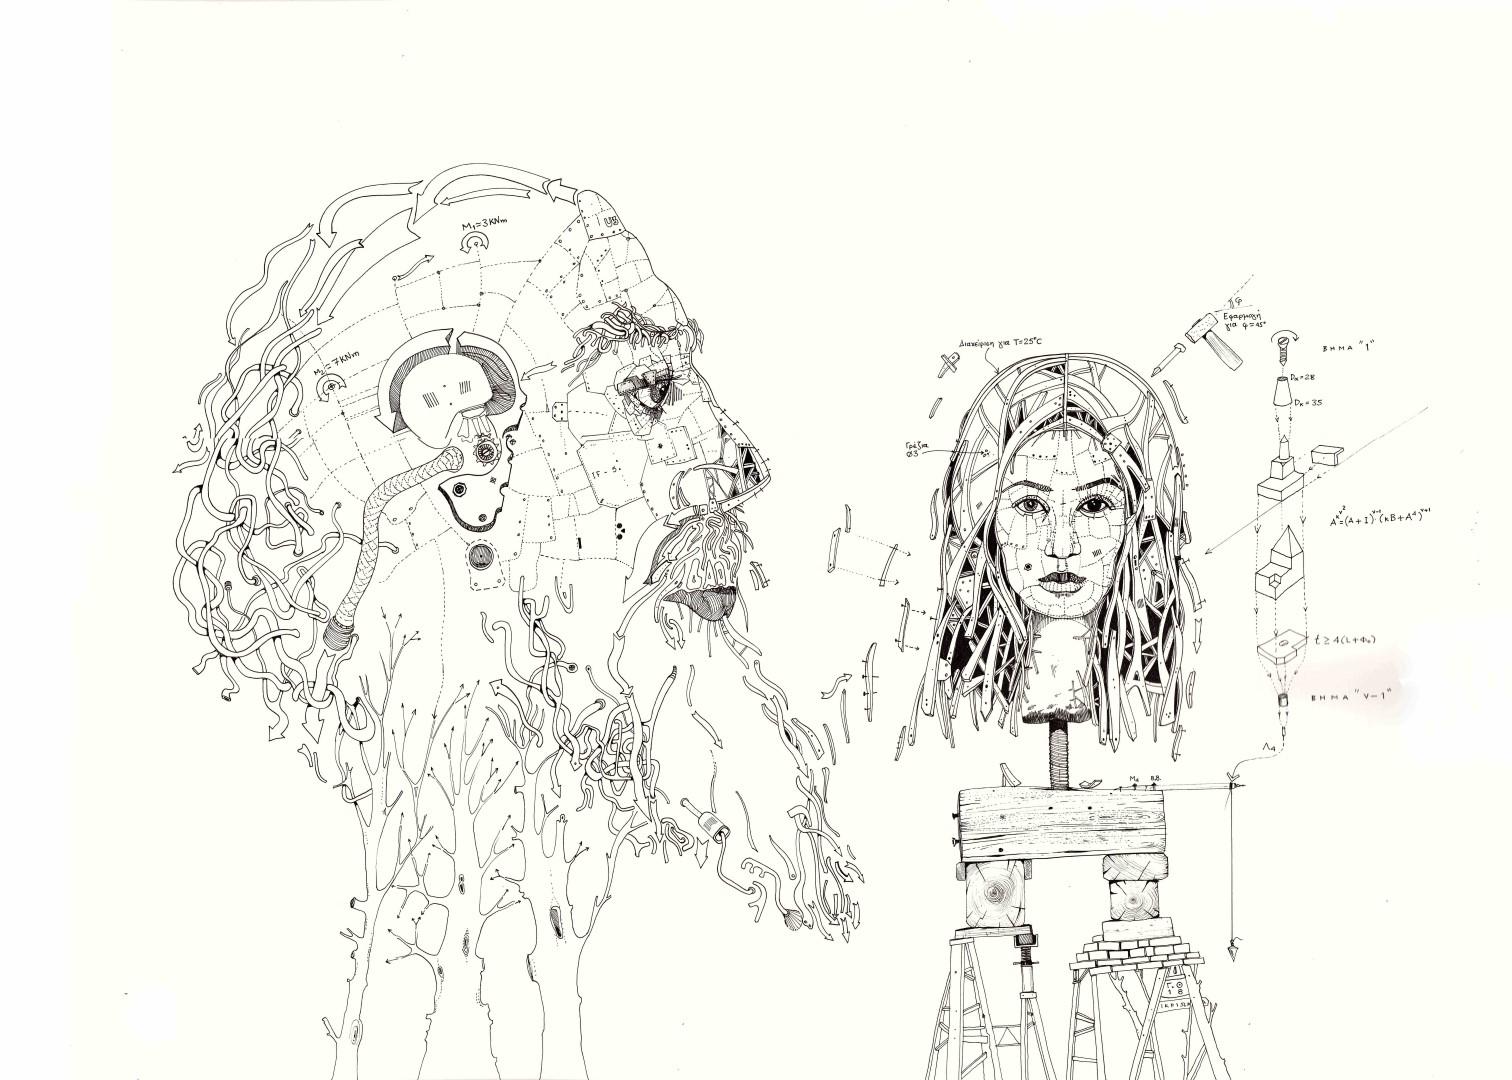 Γεράσιμος Θωμάς, Ιδεών ευάρμοσις_ Ποιητής και έπος, 50x70cm, Σινική μελάνι σε χαρτί